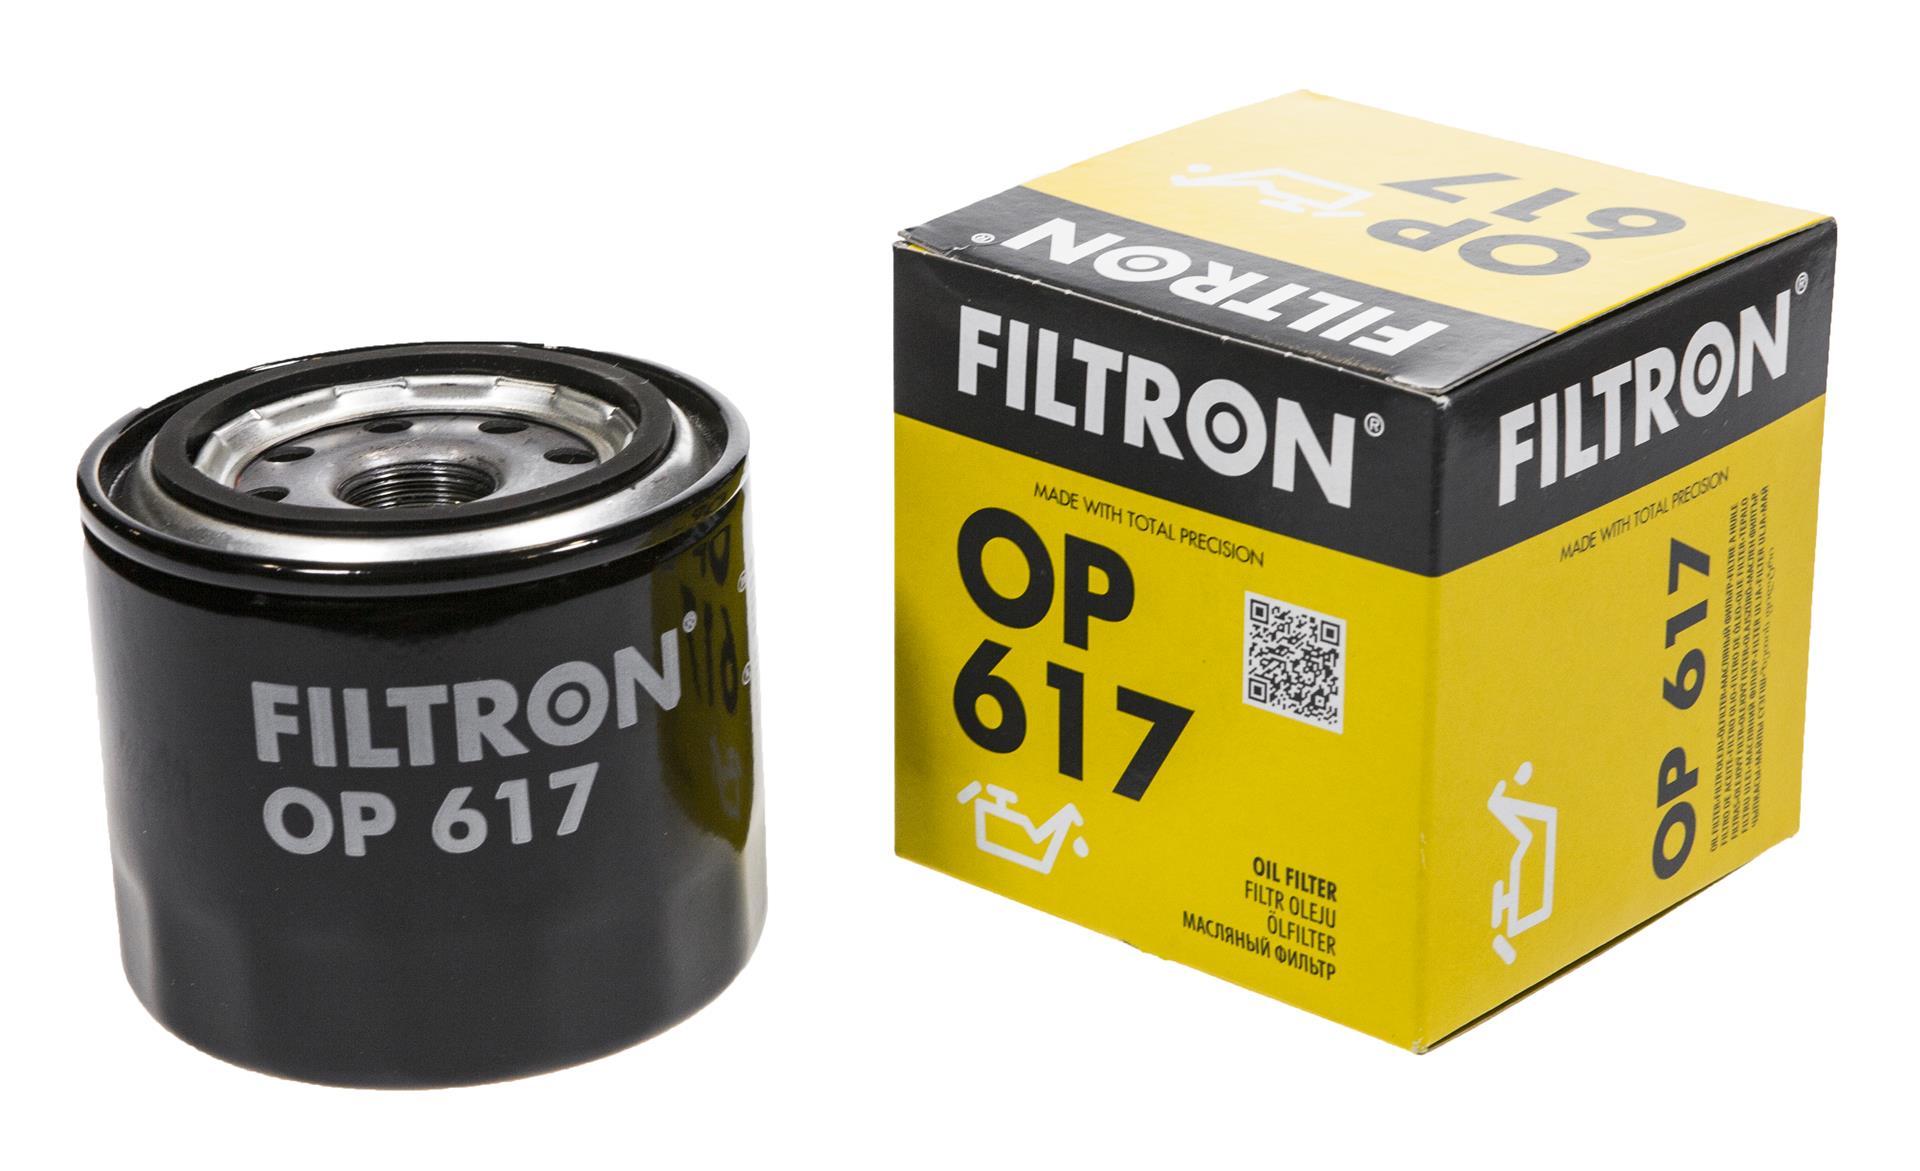 фильтр масла filtron кол-во в упак 617